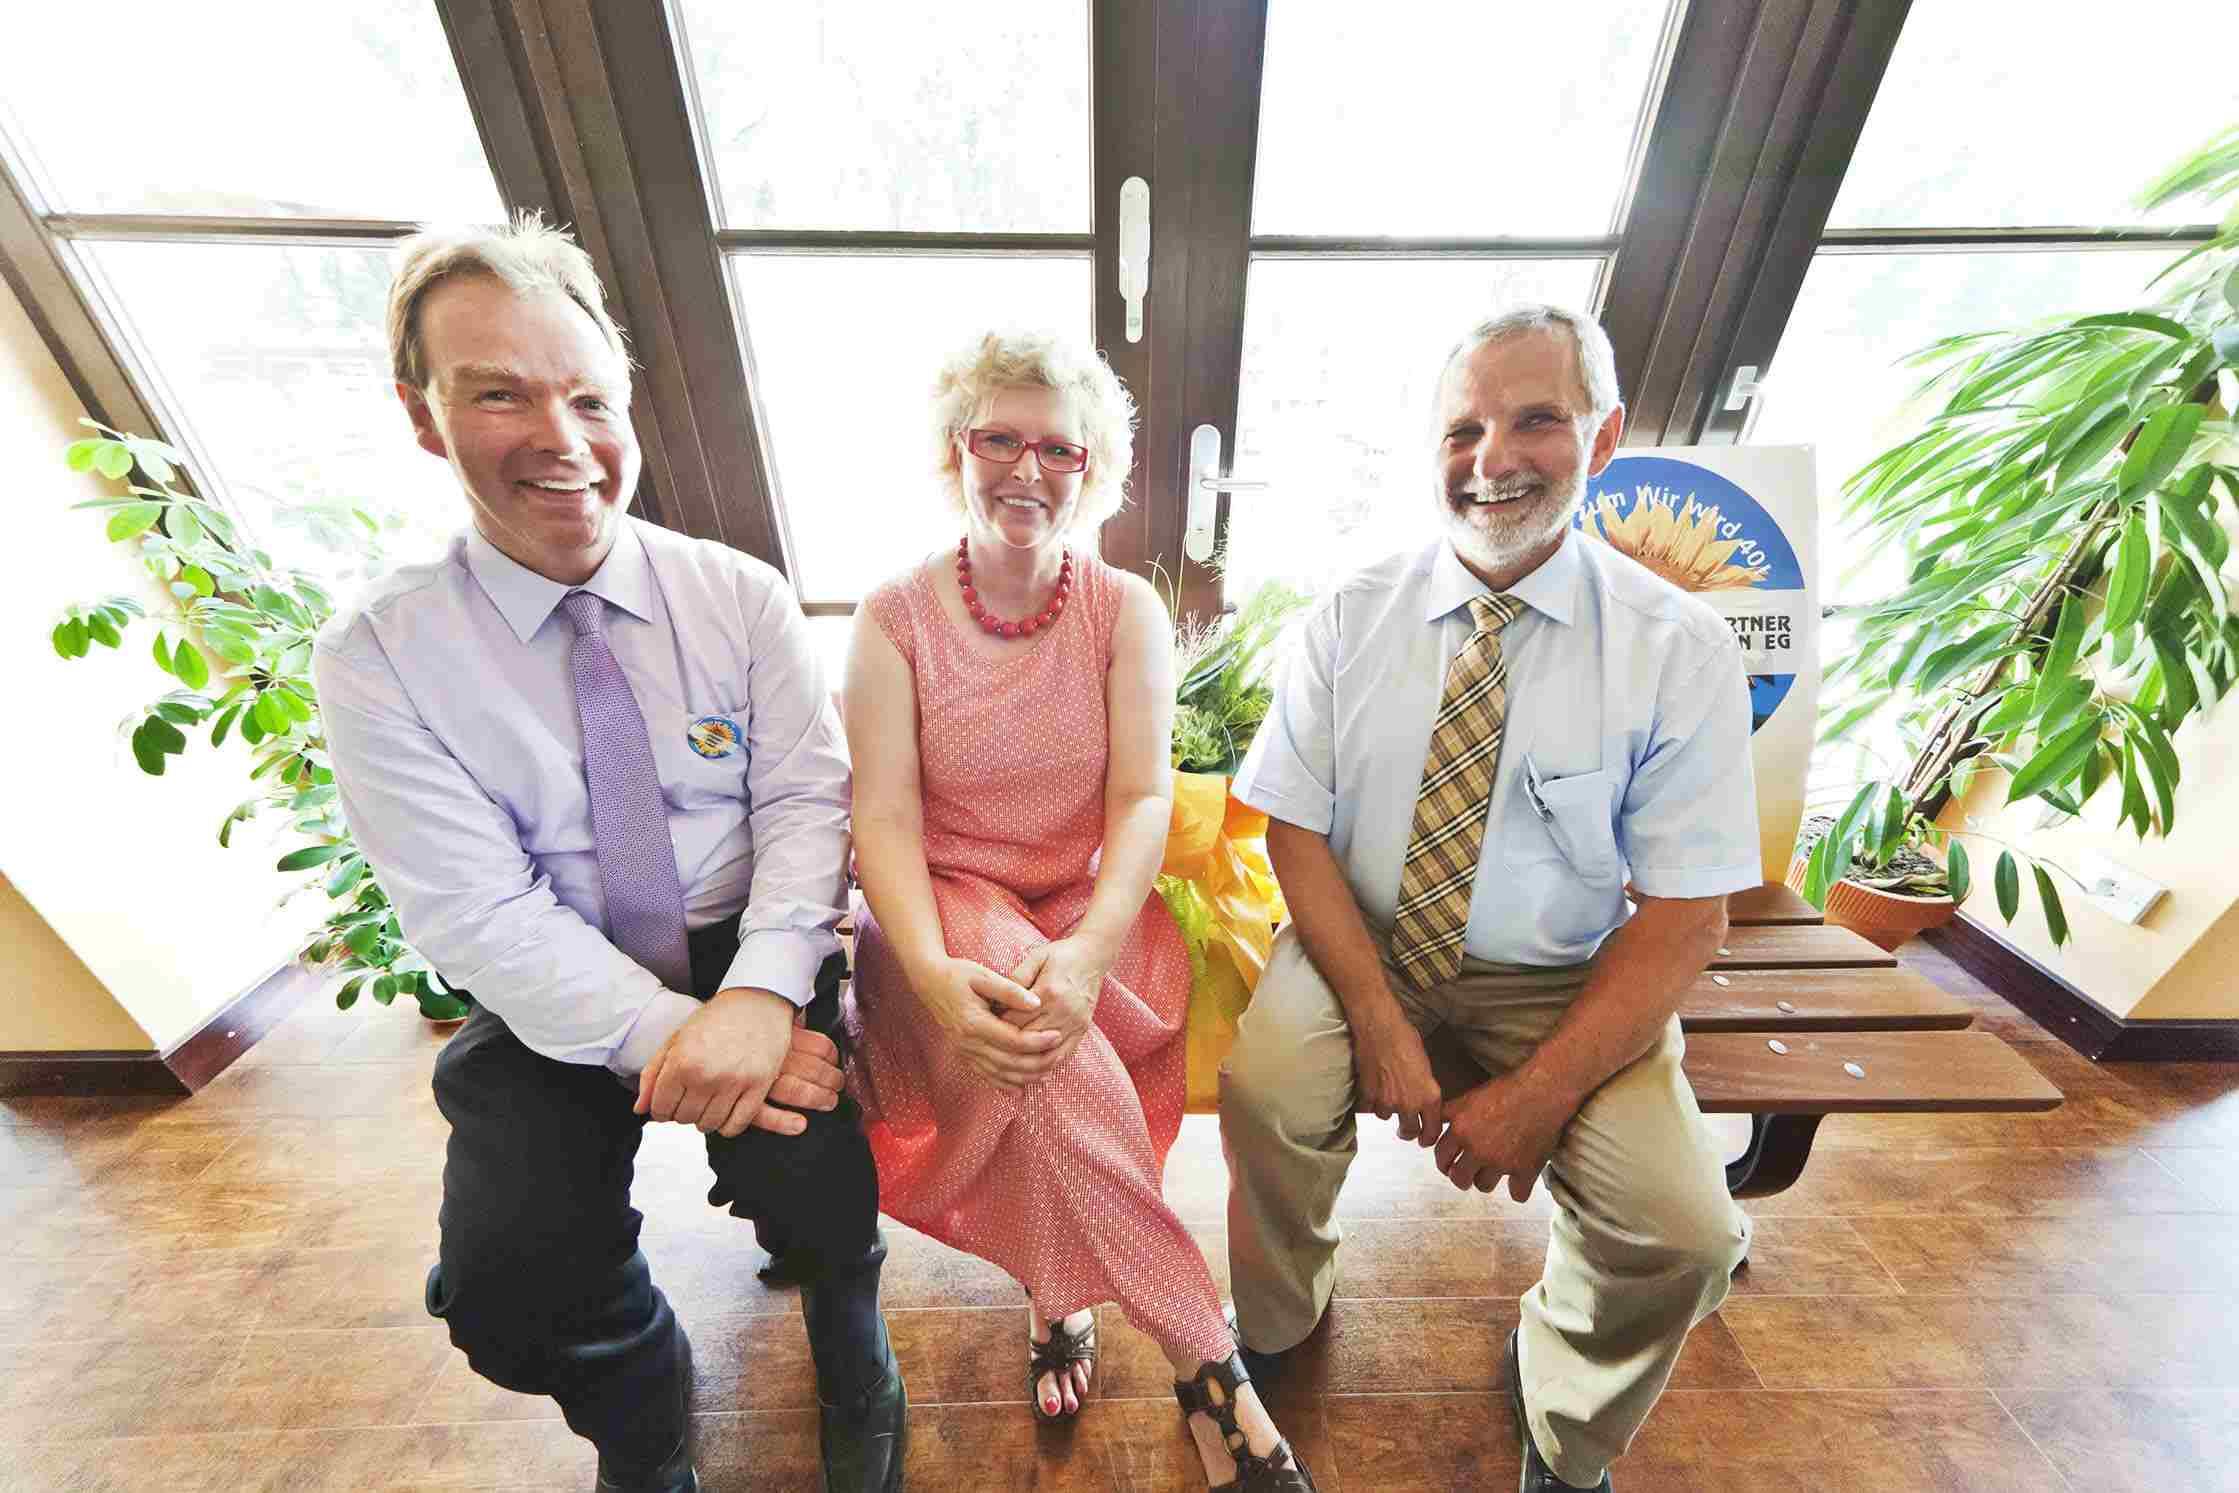 Probesitzen: Vorstand Johannes Wolter, Bürgermeisterin Gabriele Preuß und Vorsitzender Willi Strunk